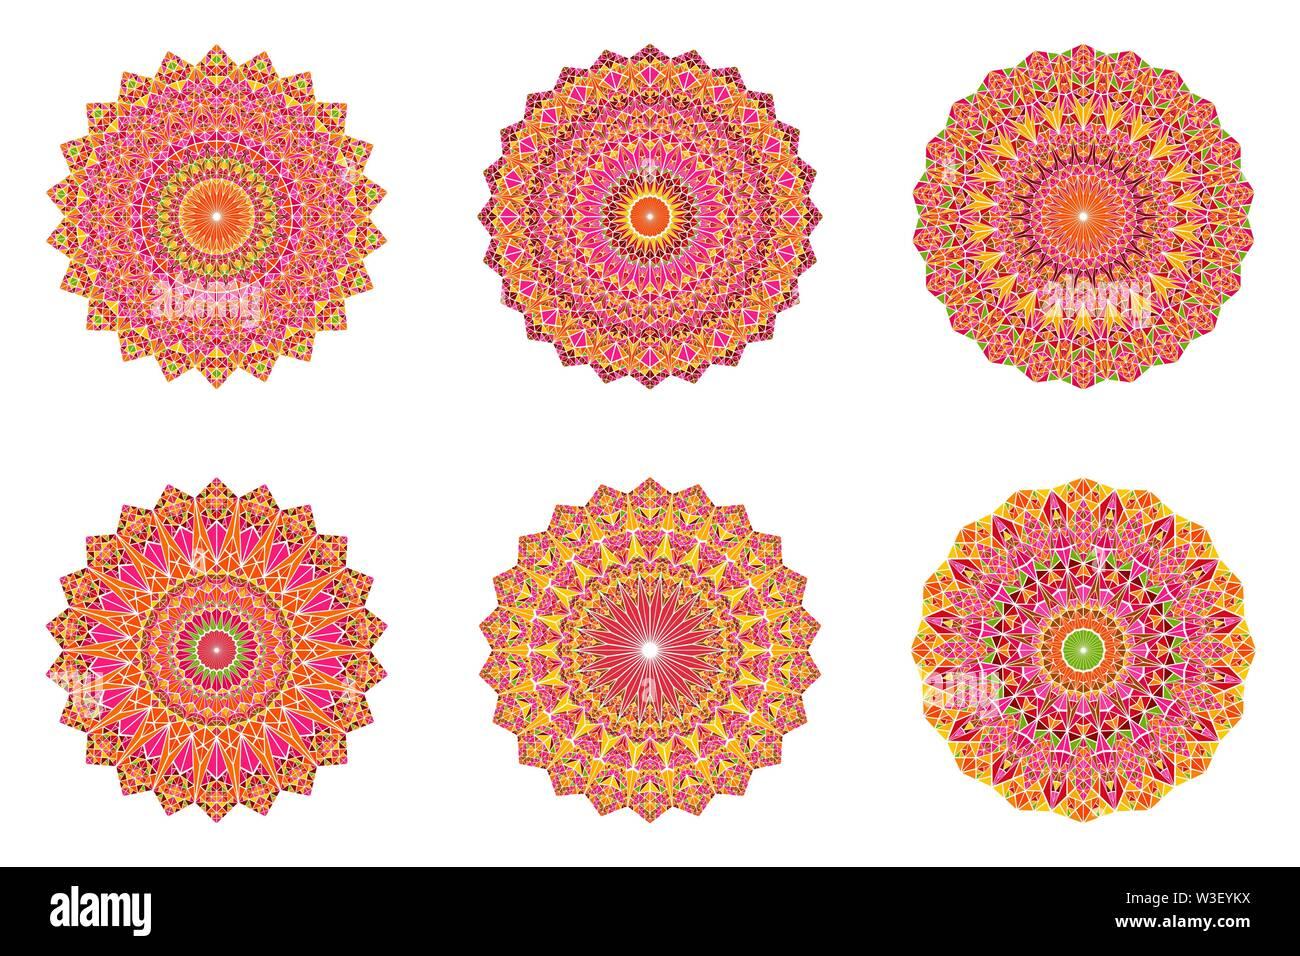 Triangle géométrique ornée mandala mosaic set - polygonal ronde circulaire résumé graphique de vecteur de fond sur Photo Stock